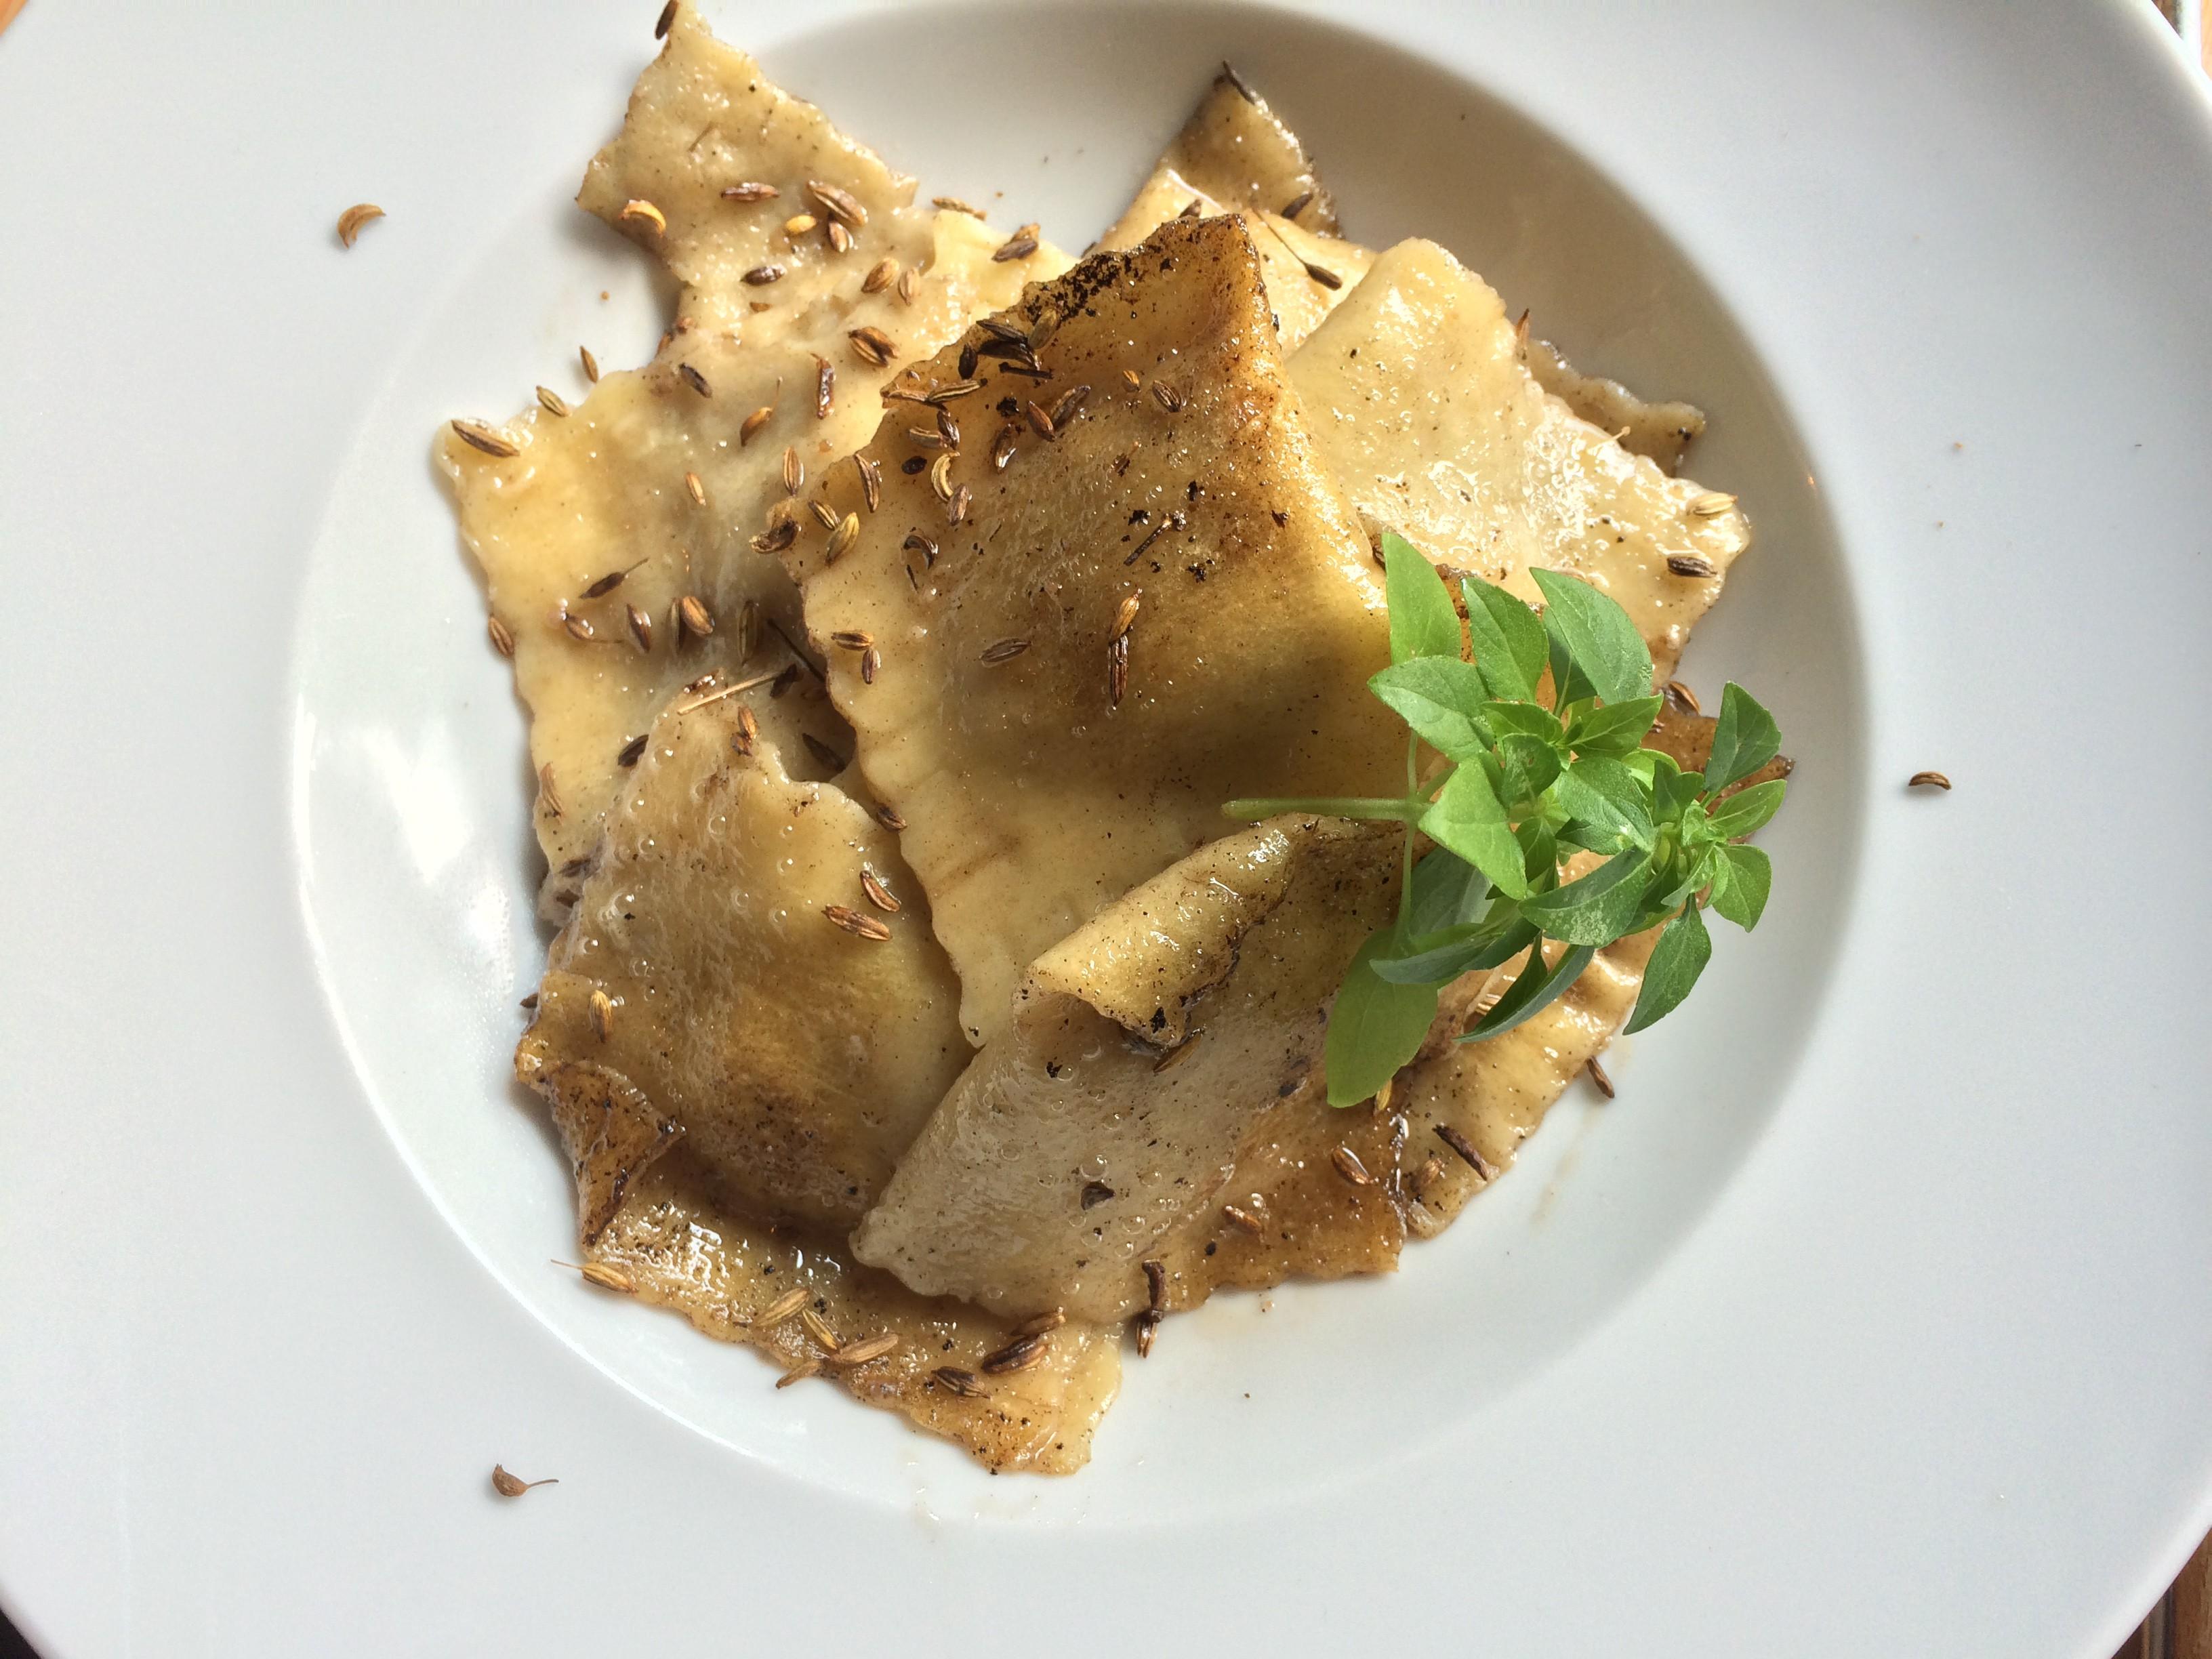 Ravioli mit Maronenfüllung fertig serviert auf dem Teller